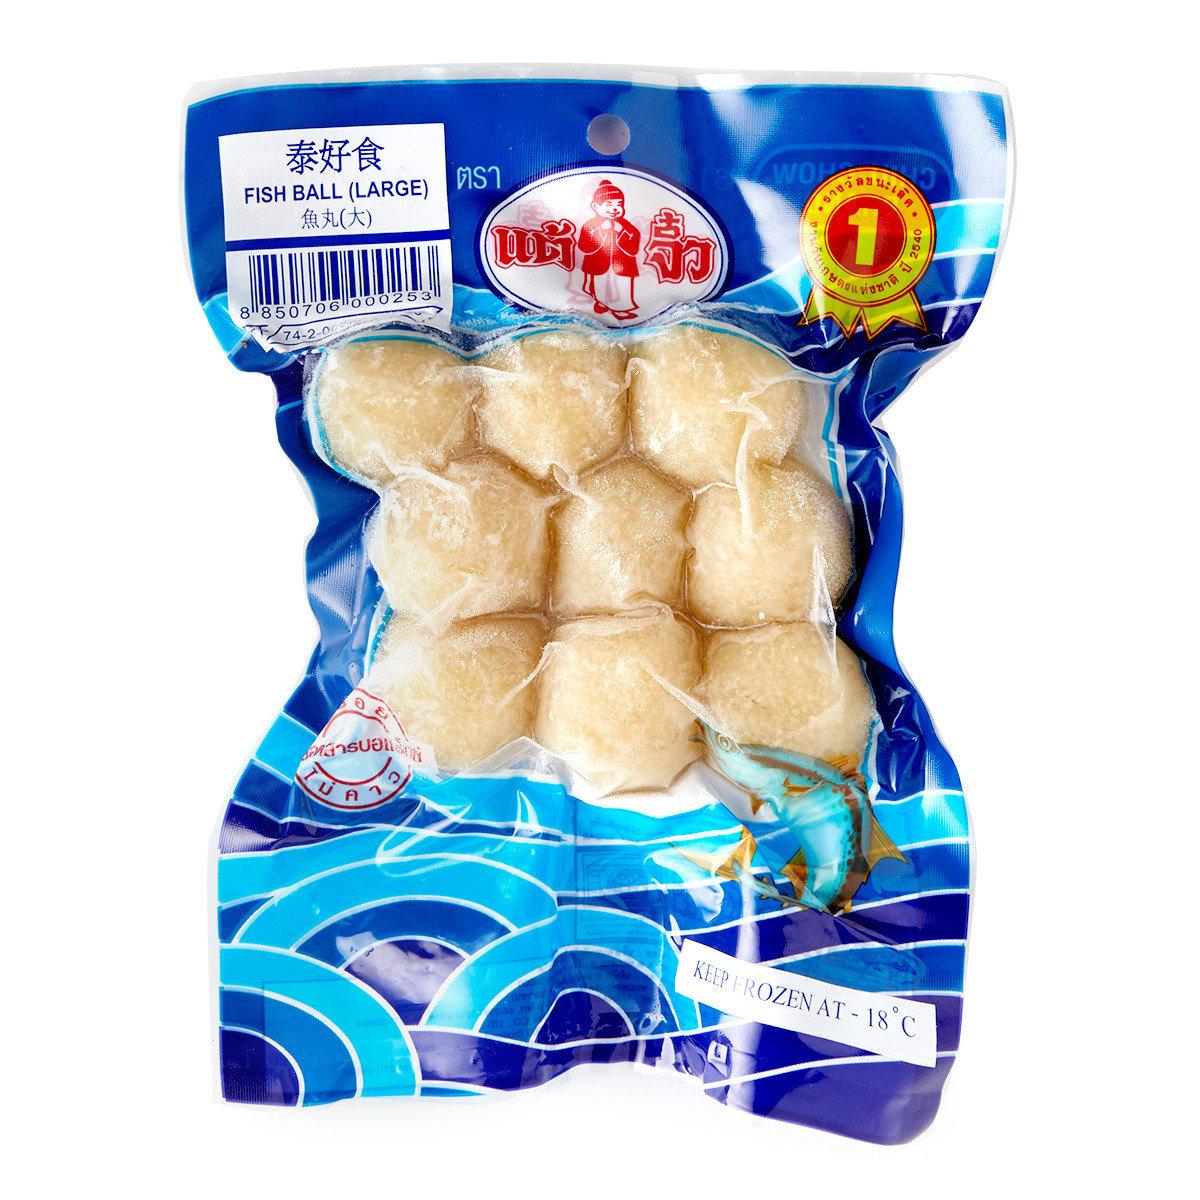 泰式大眼雞魚丸 (急凍)